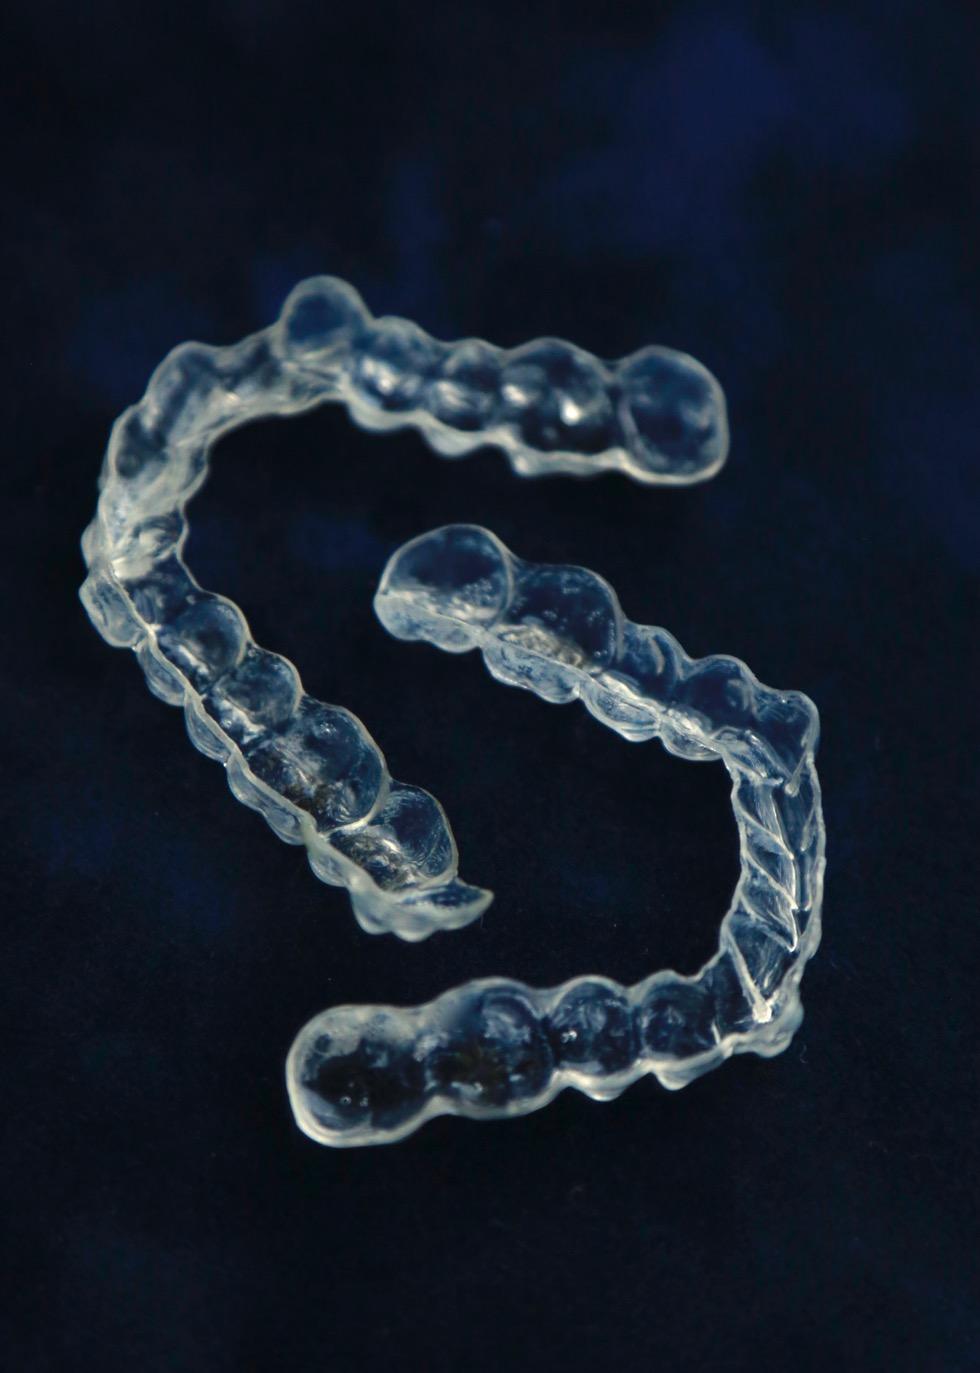 invisalign-implantatklinik-koebenhavn-christine-bonde-blog-1-1